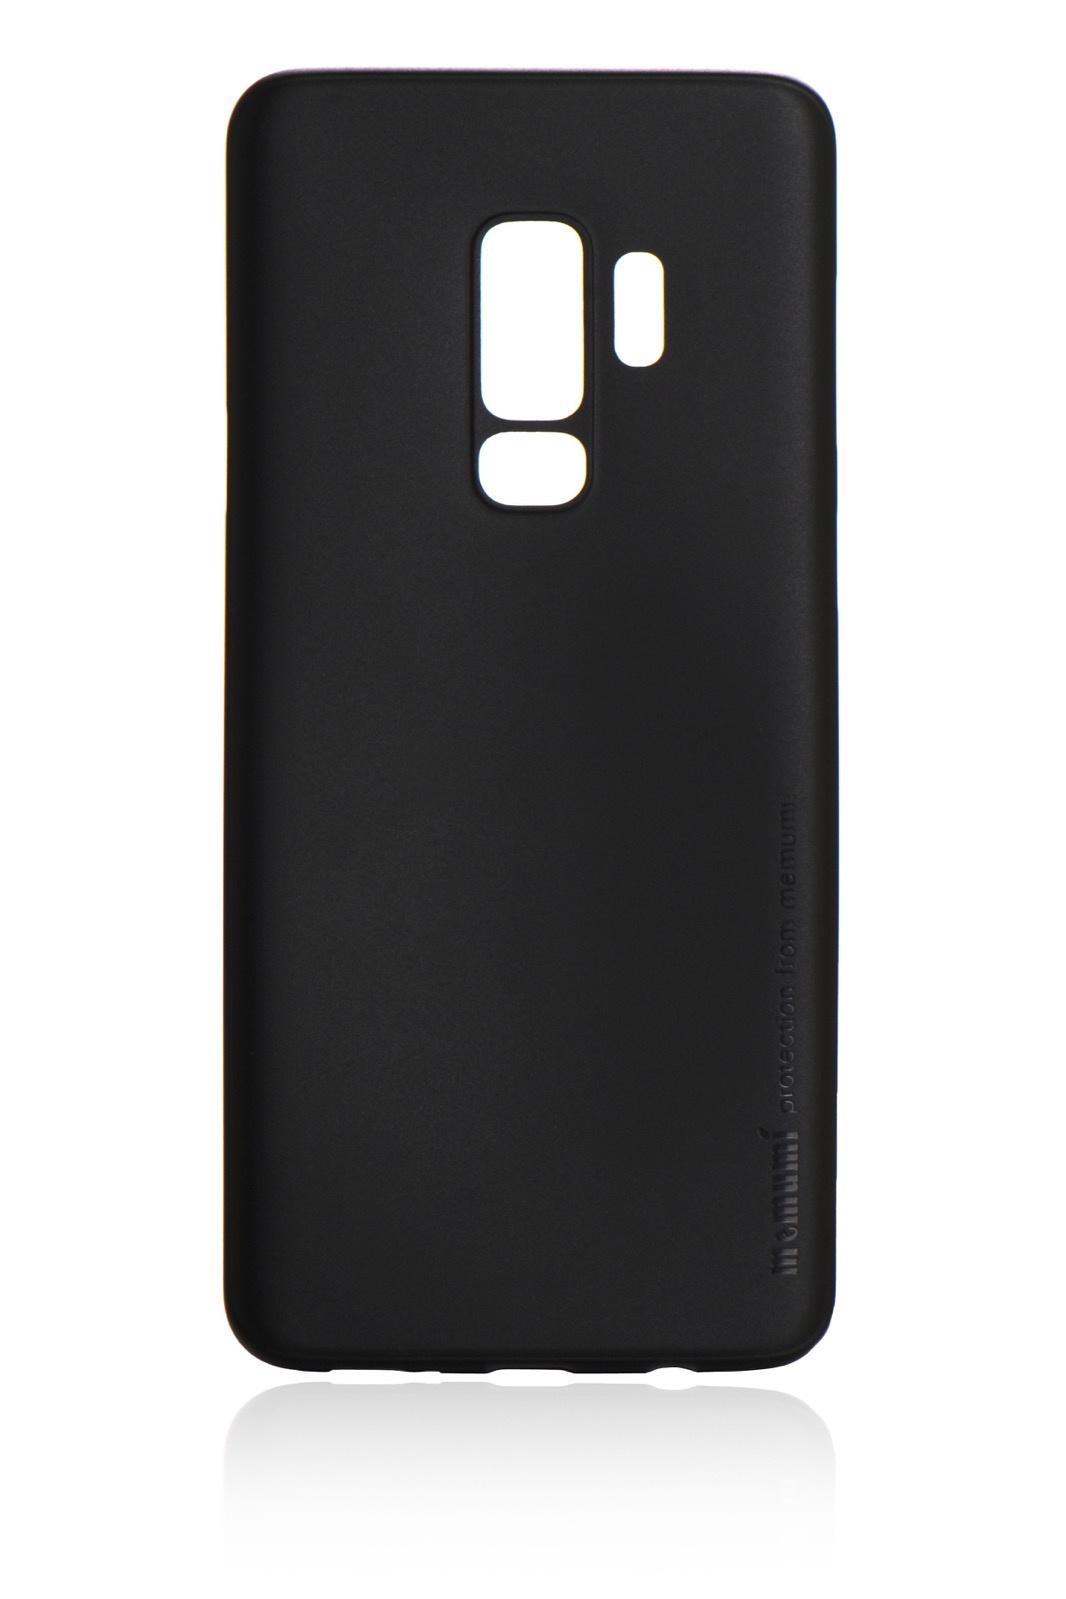 Чехол для сотового телефона Memumi Ultra Slim Premium пластик 0.3 mm для Samsung Galaxy S9 Plus, черный